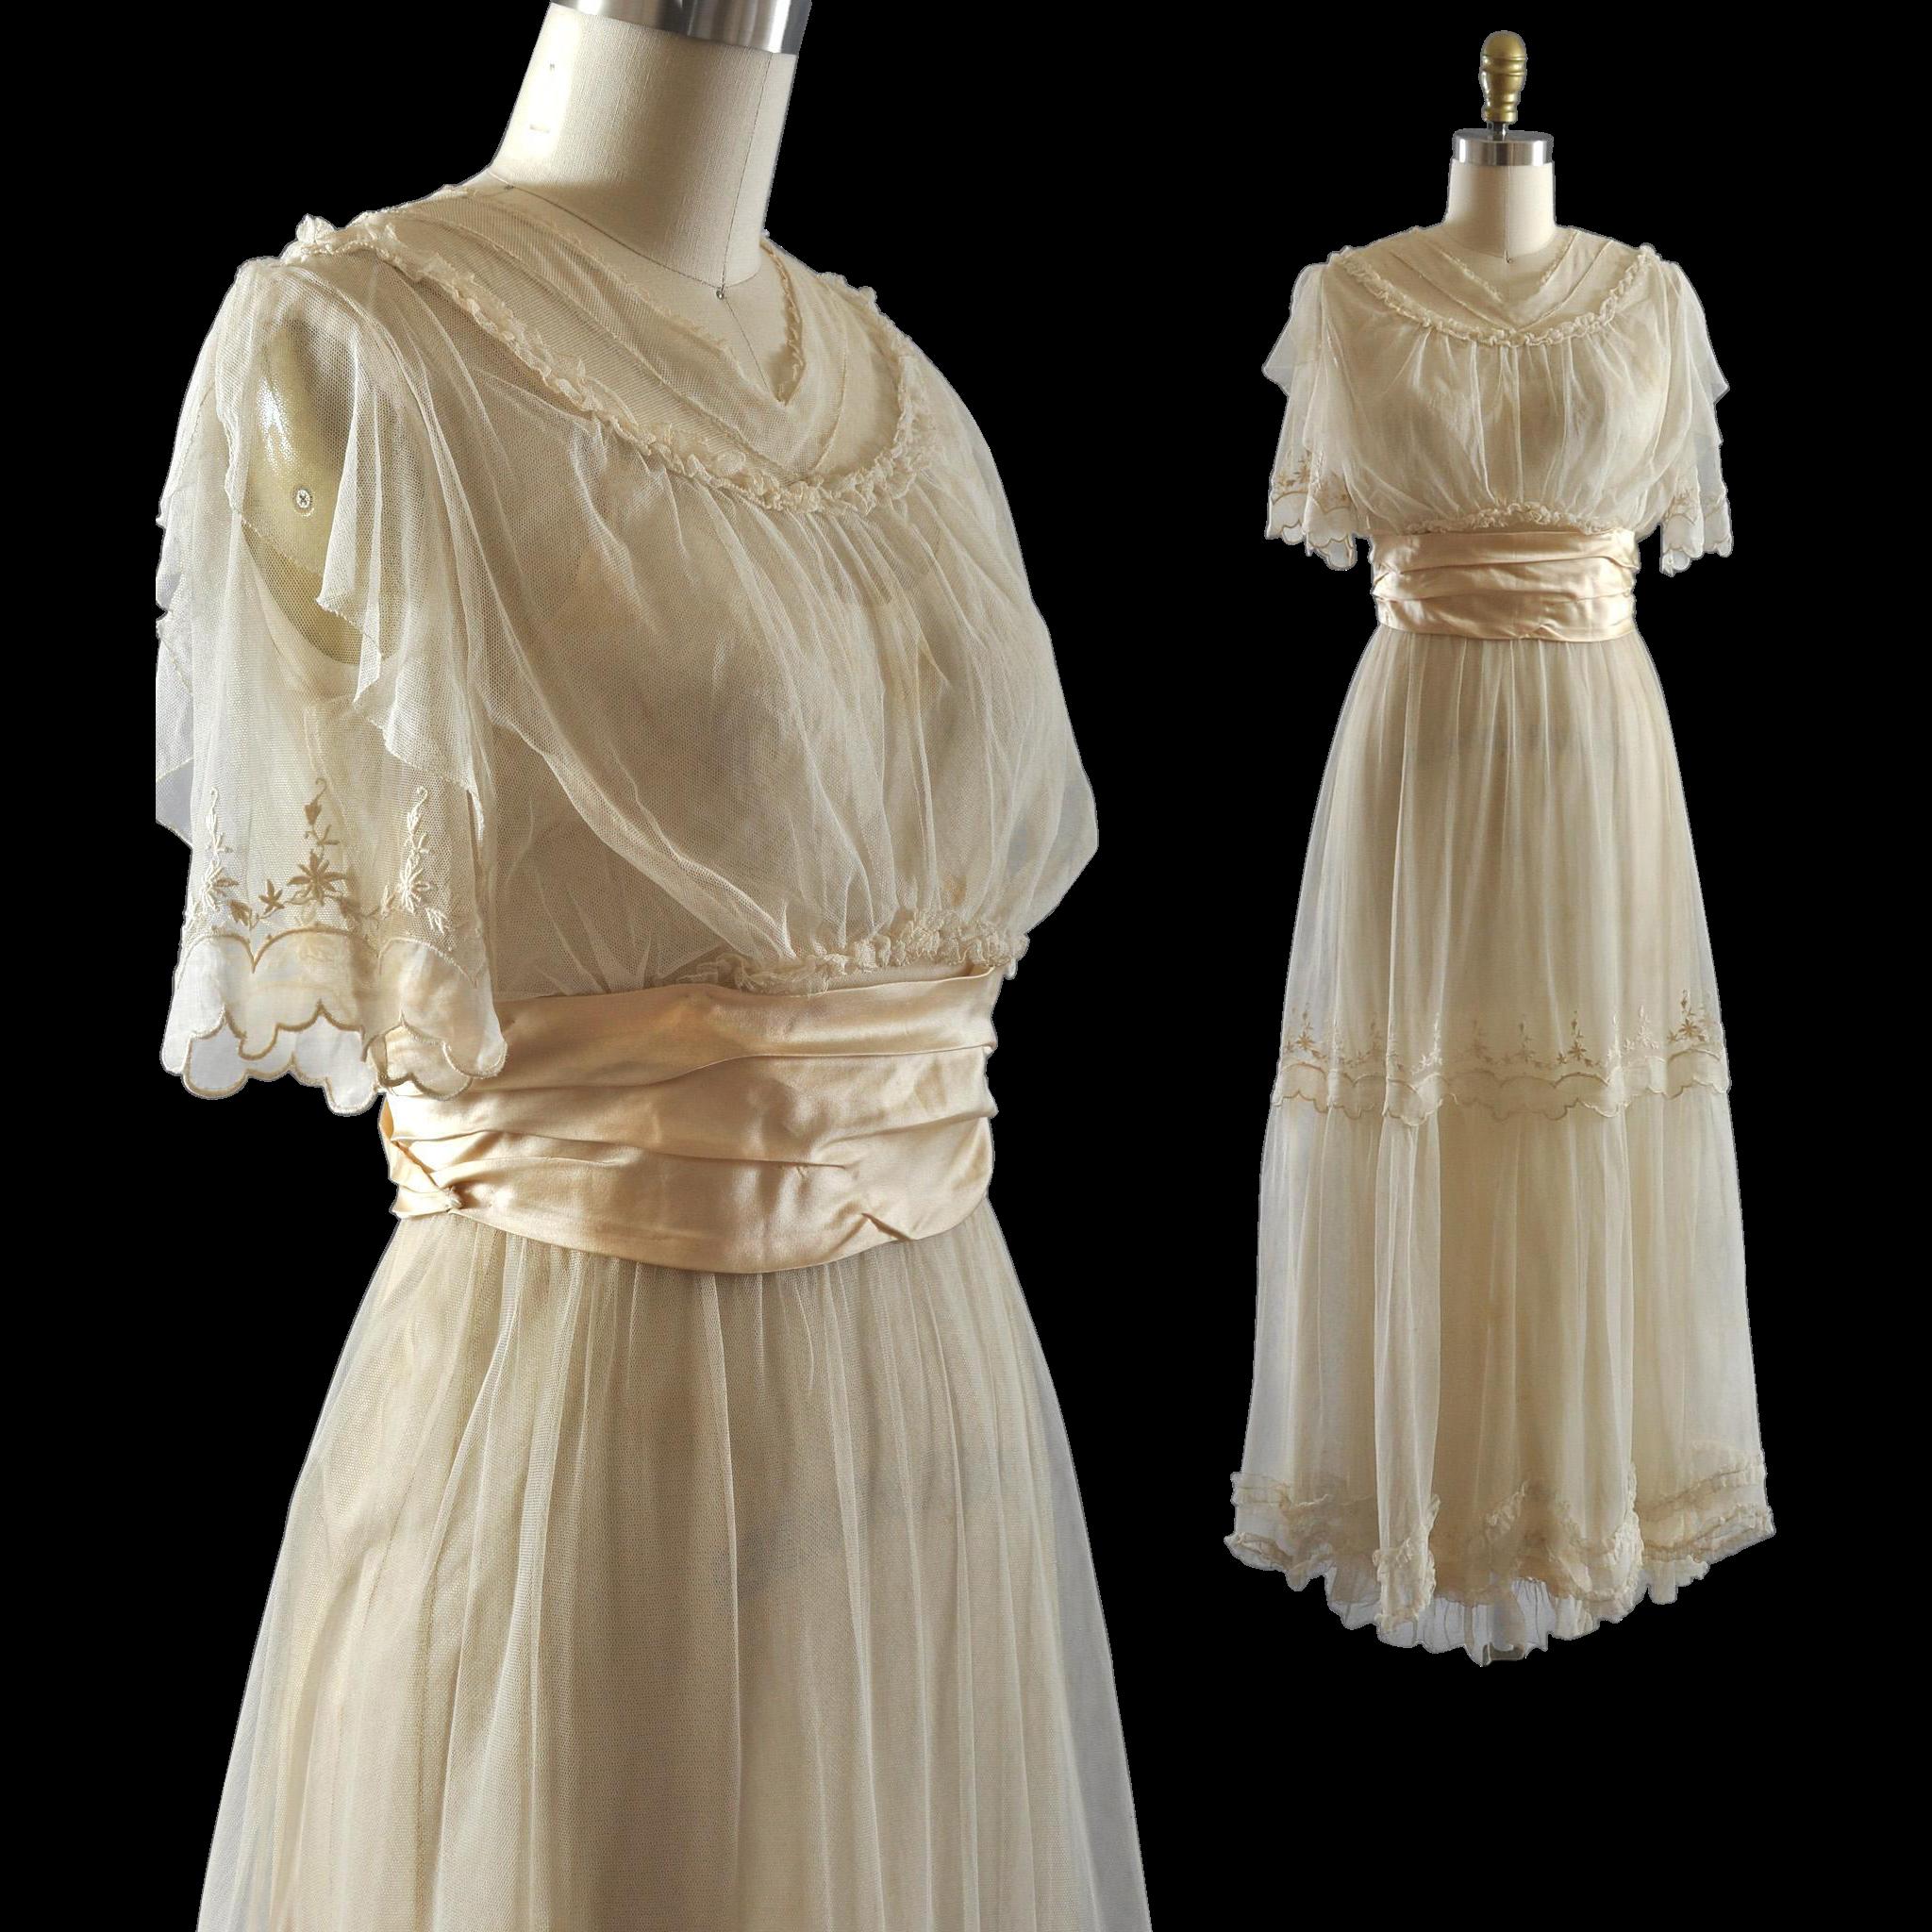 Tea Gown: Exquisite Vintage Edwardian Net Tea Bridal Dress Gown